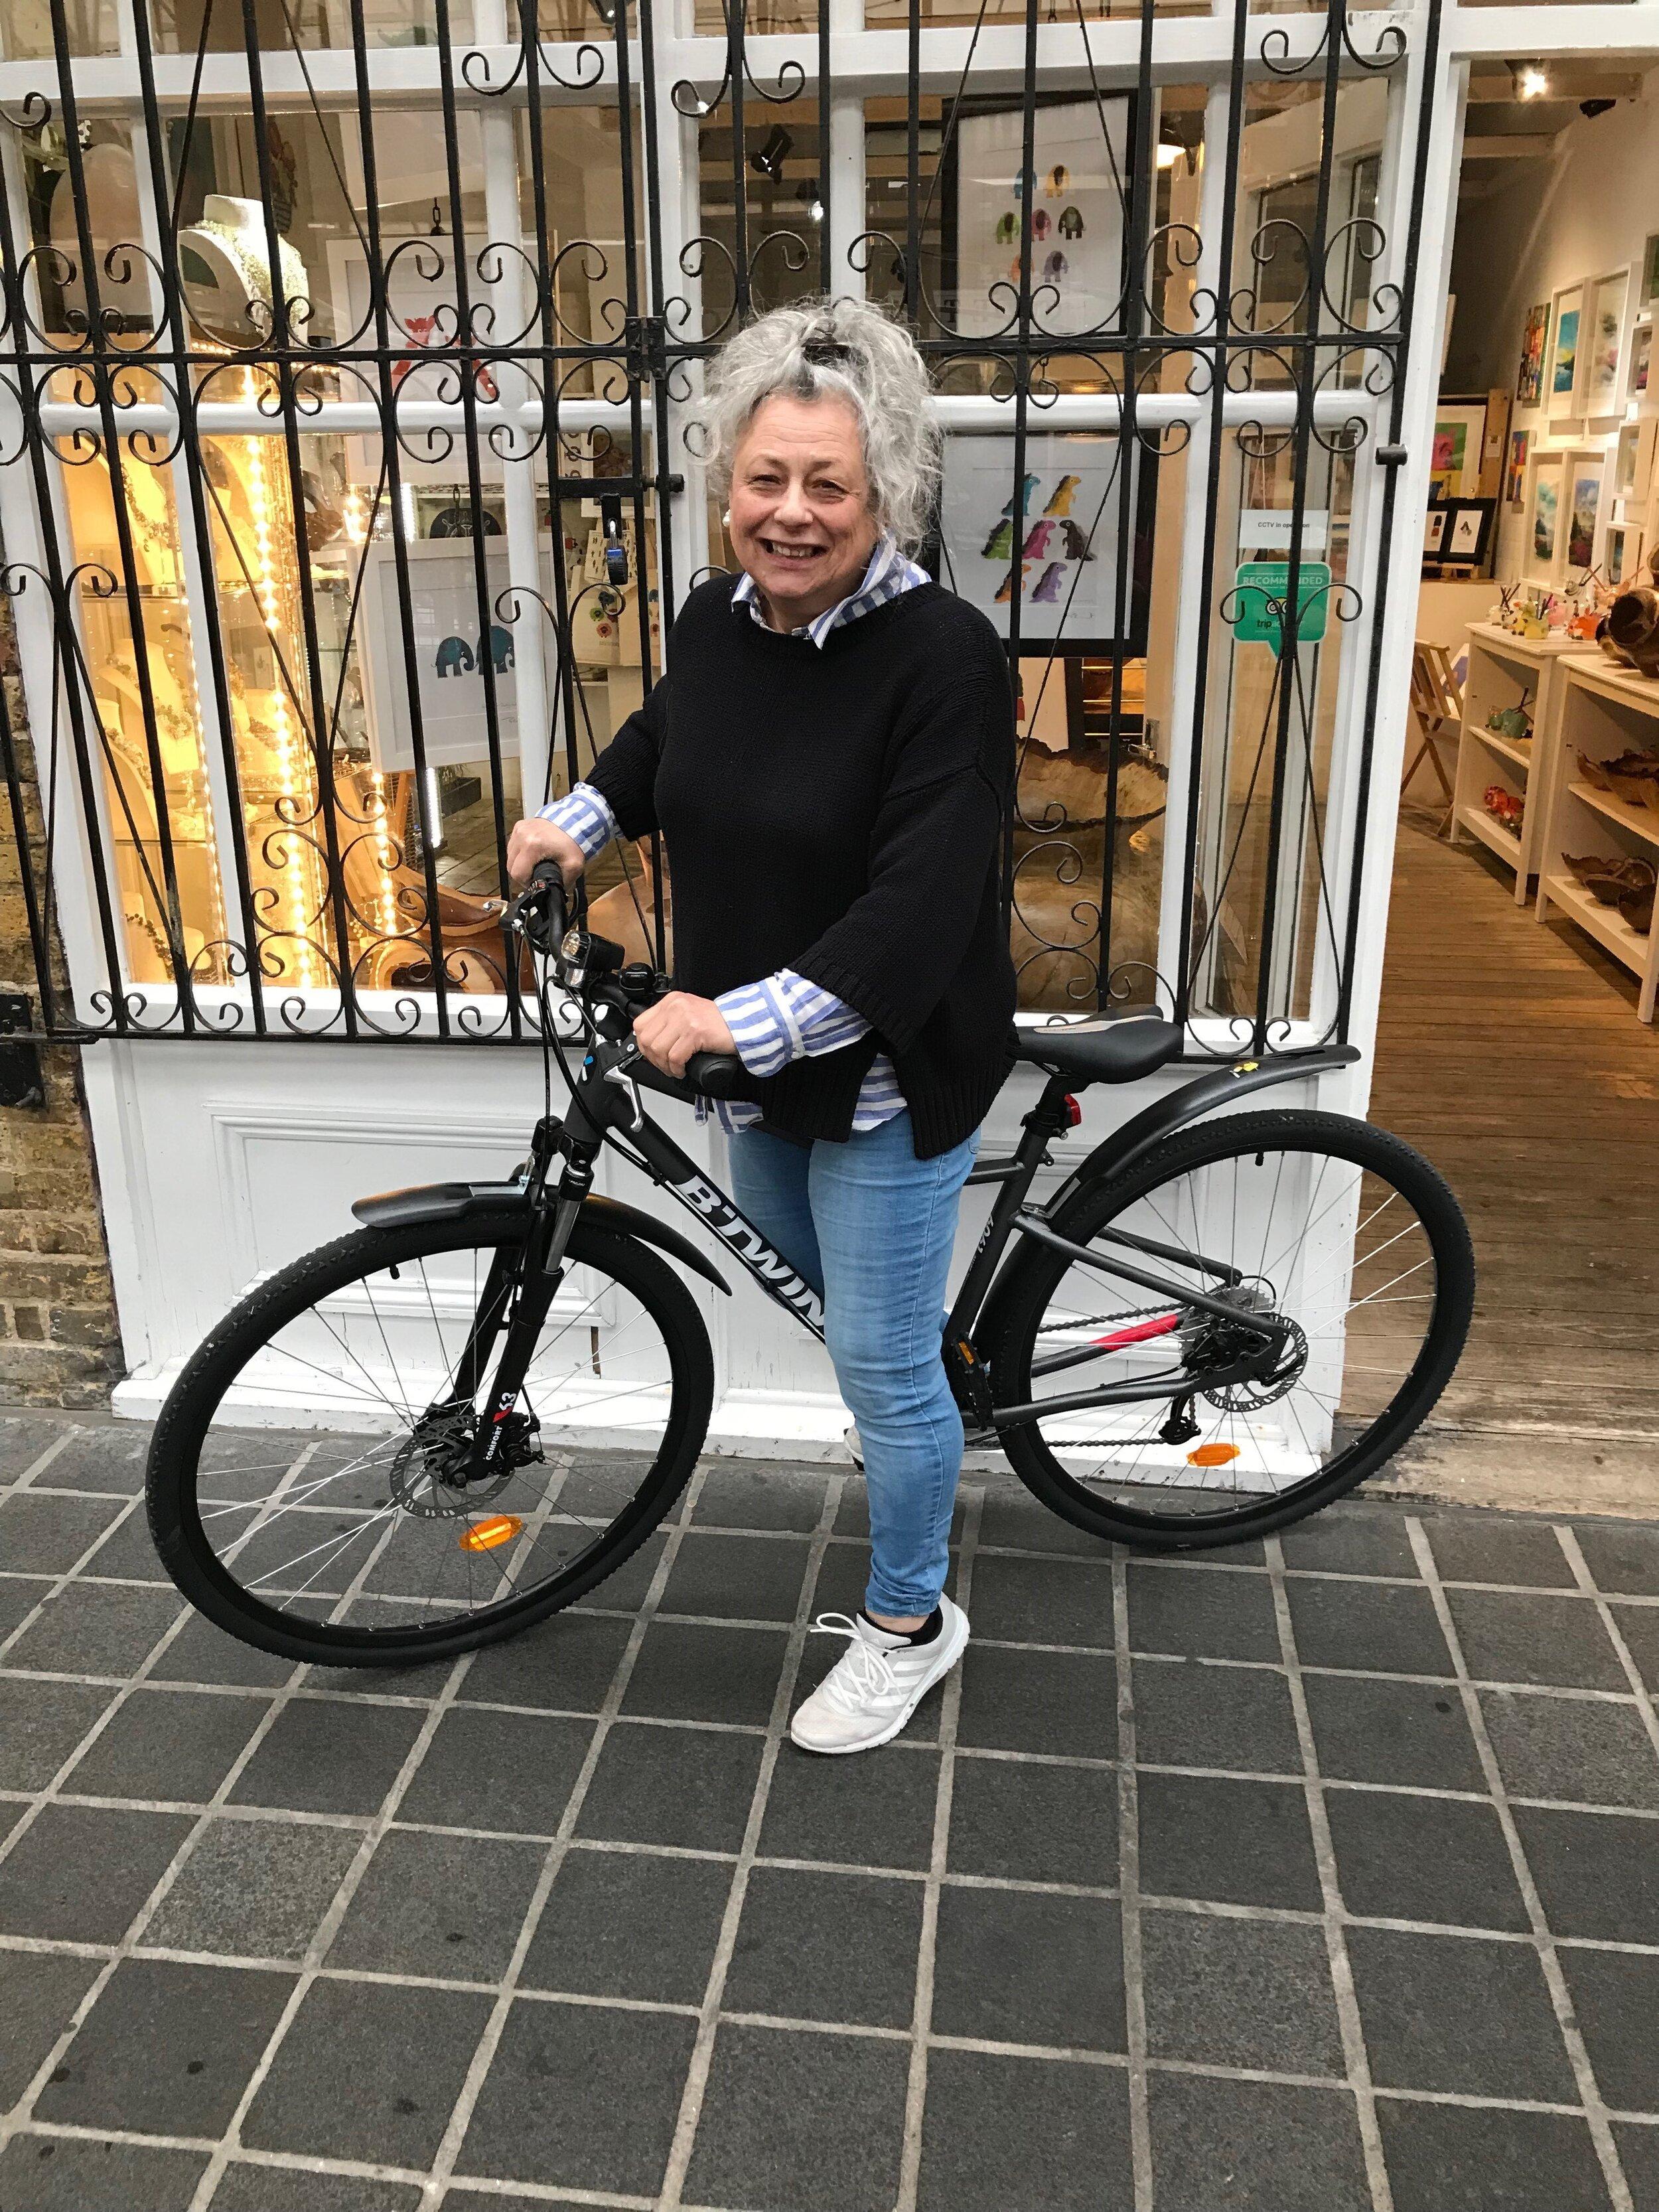 Grandma on a bike.jpg